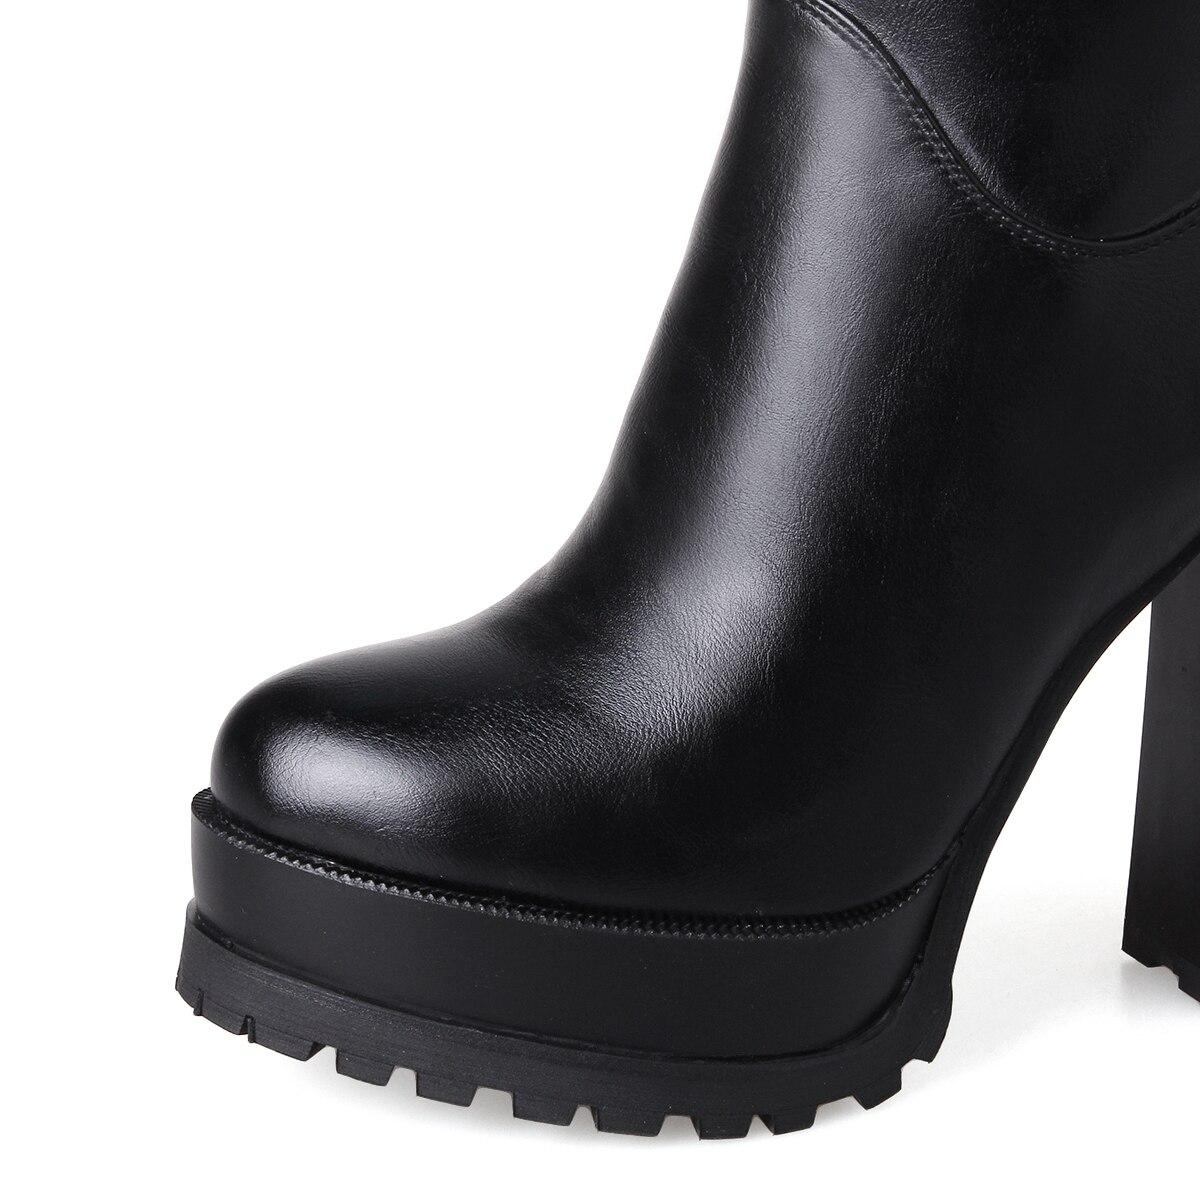 rouge Noir Cuir D'hiver Haute Qzyerai Bottes Chaussures Dames Femmes En Talons Genoux Verni F1nxpgqw4